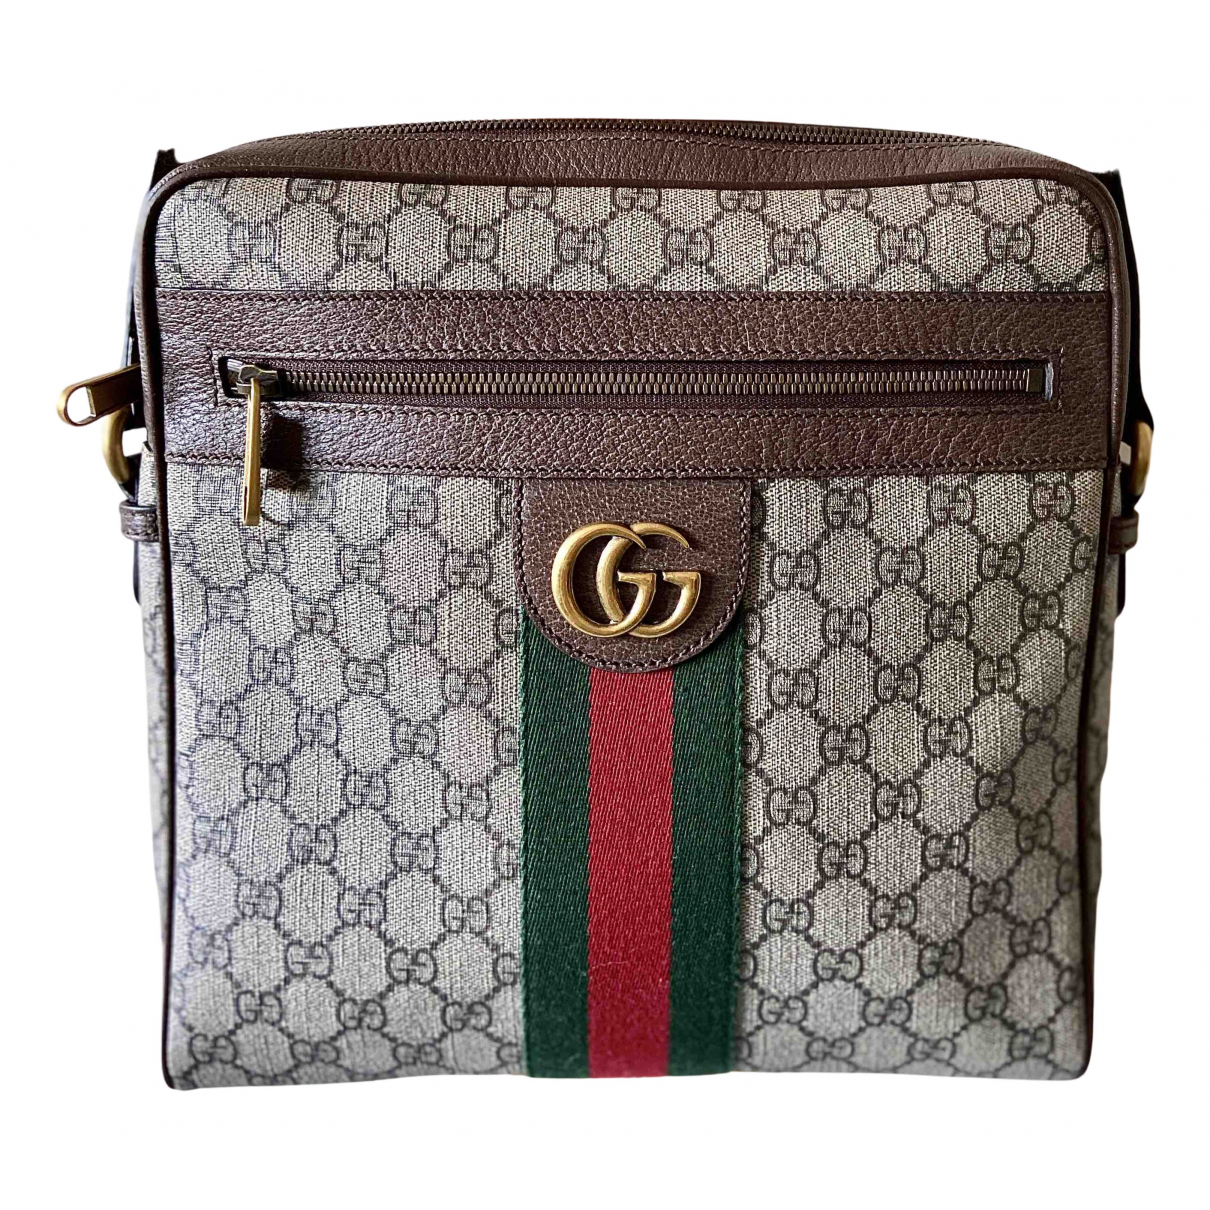 Gucci Ophidia Handtasche in  Beige Leinen